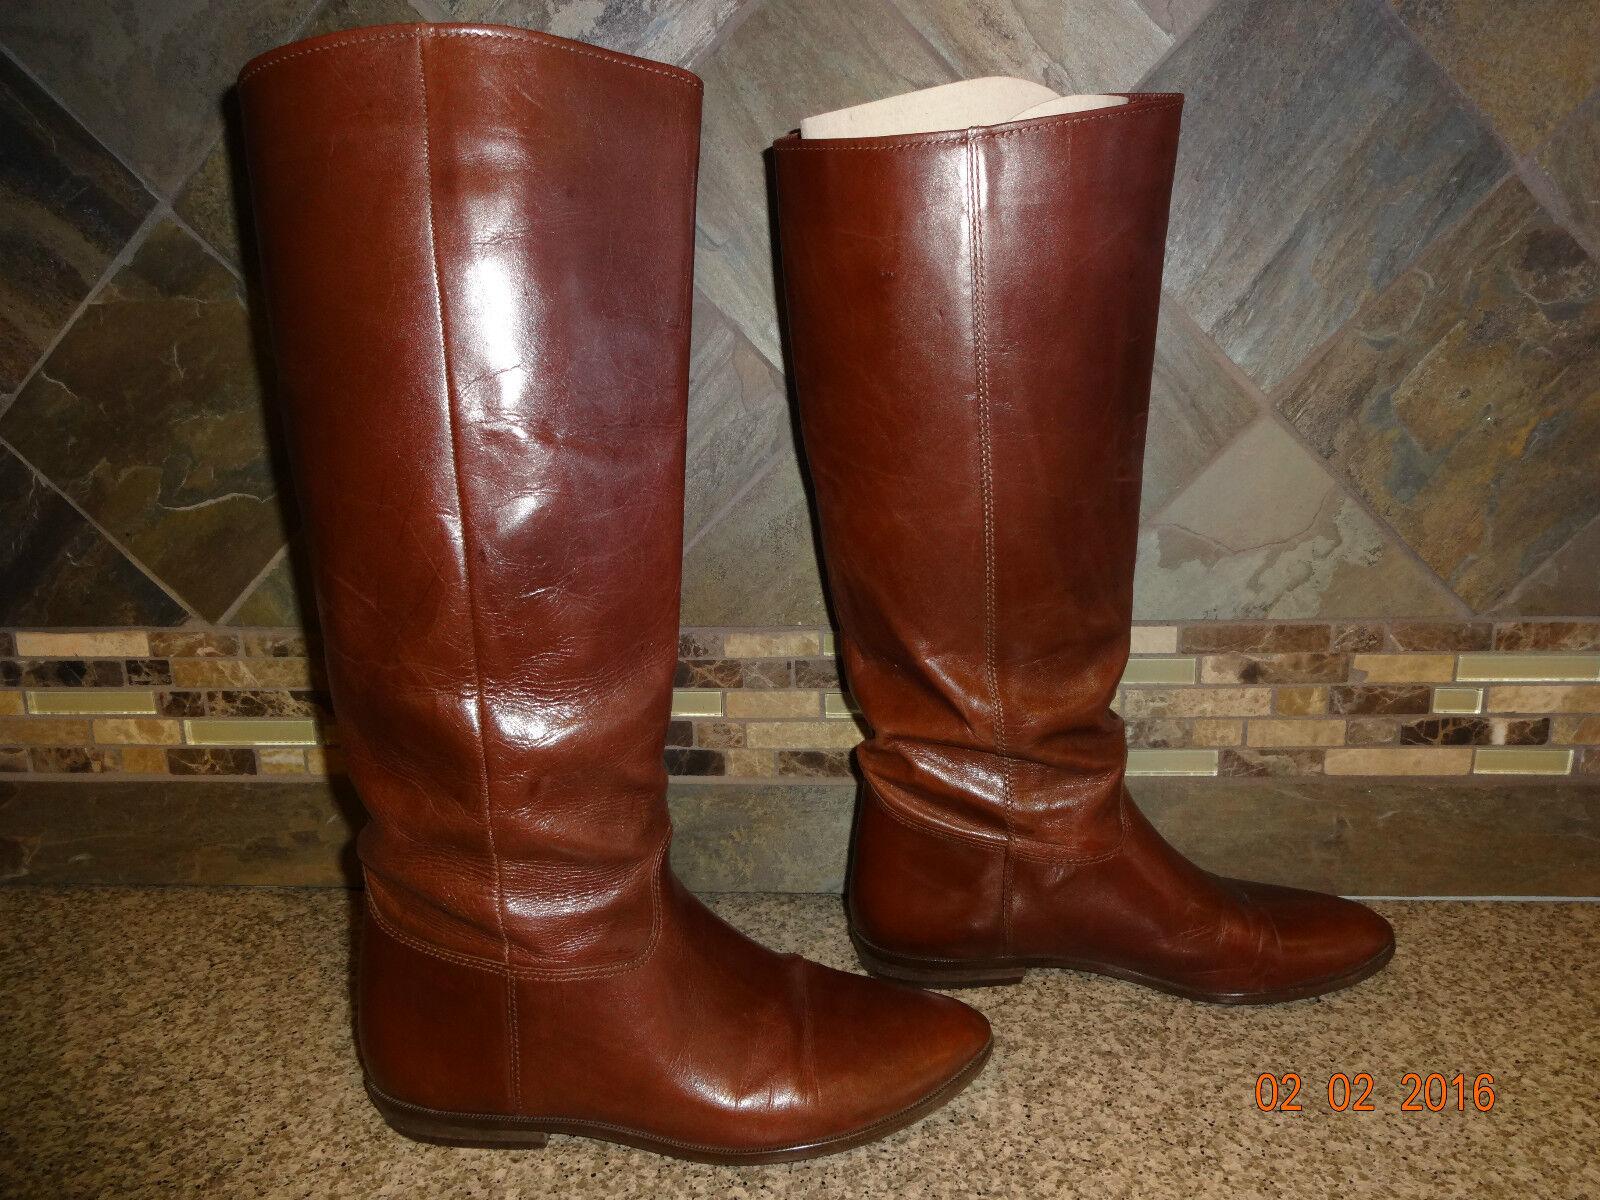 Chaussures femme Nine West  Laureen  SZ 7.5 en Cuir marron bottes Hautes